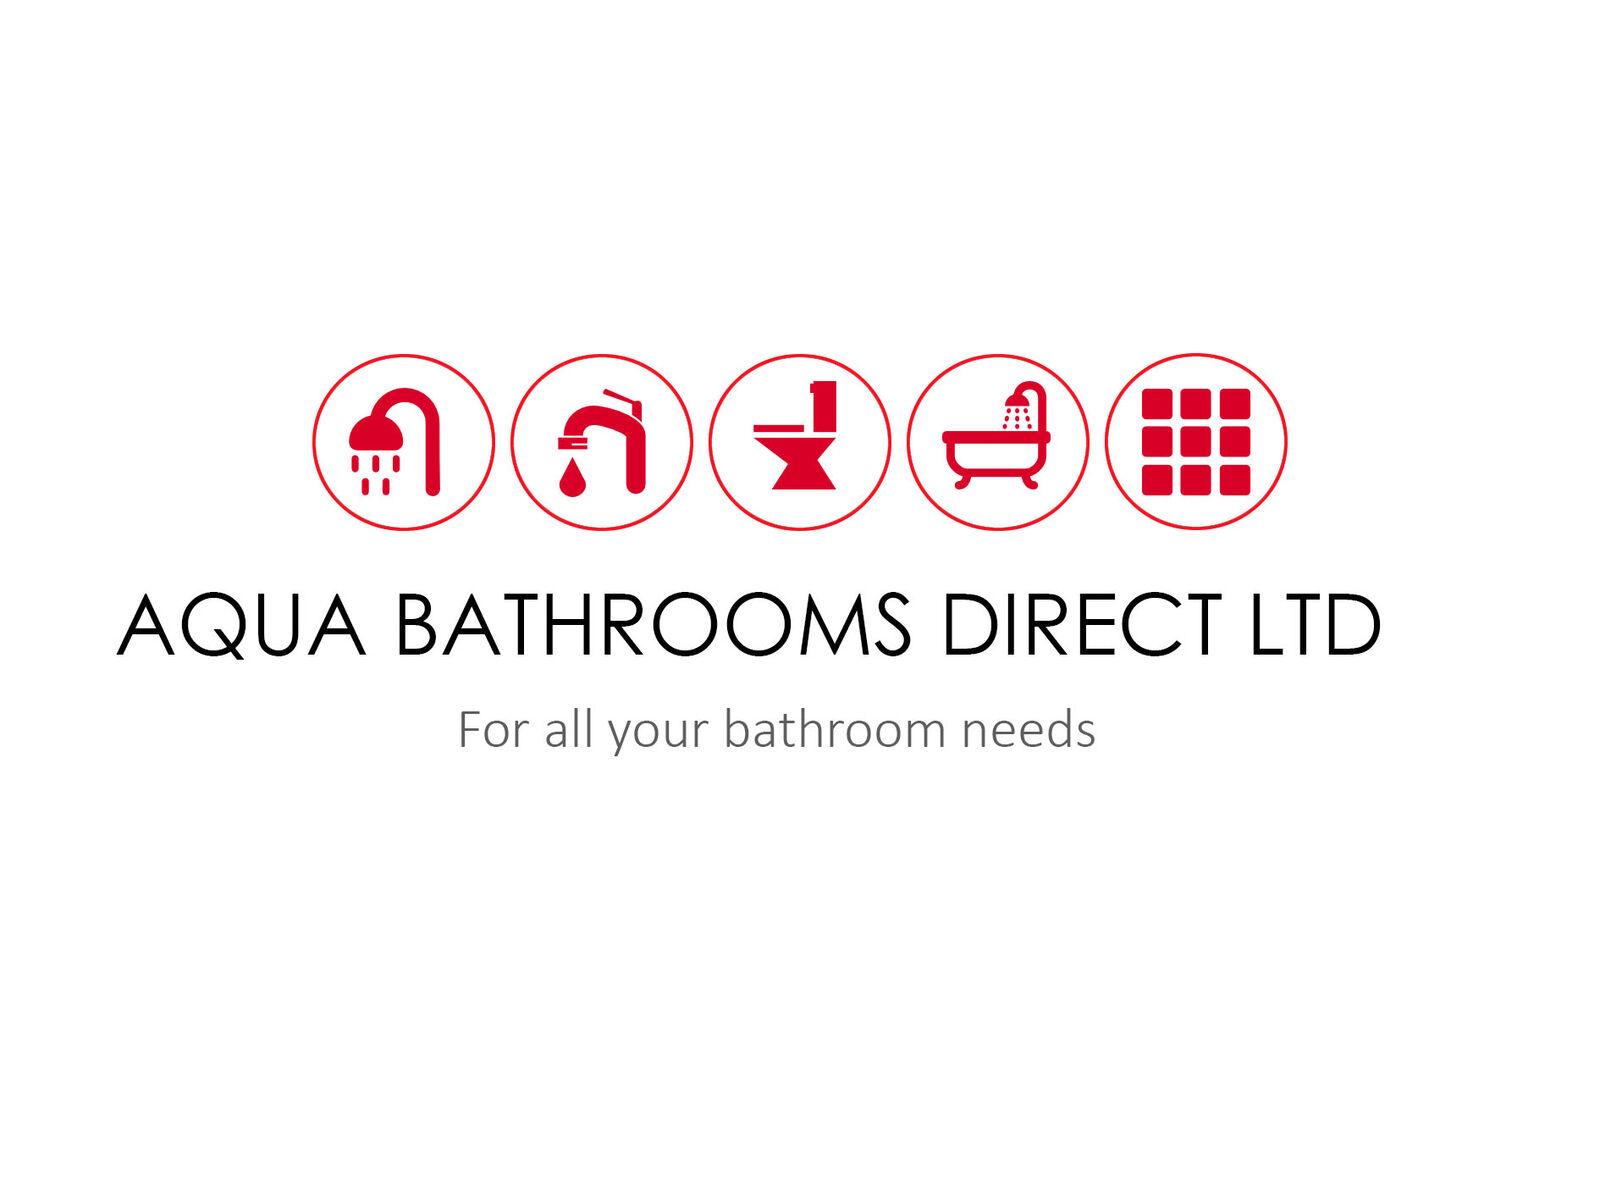 Aqua Bathrooms Direct Ltd